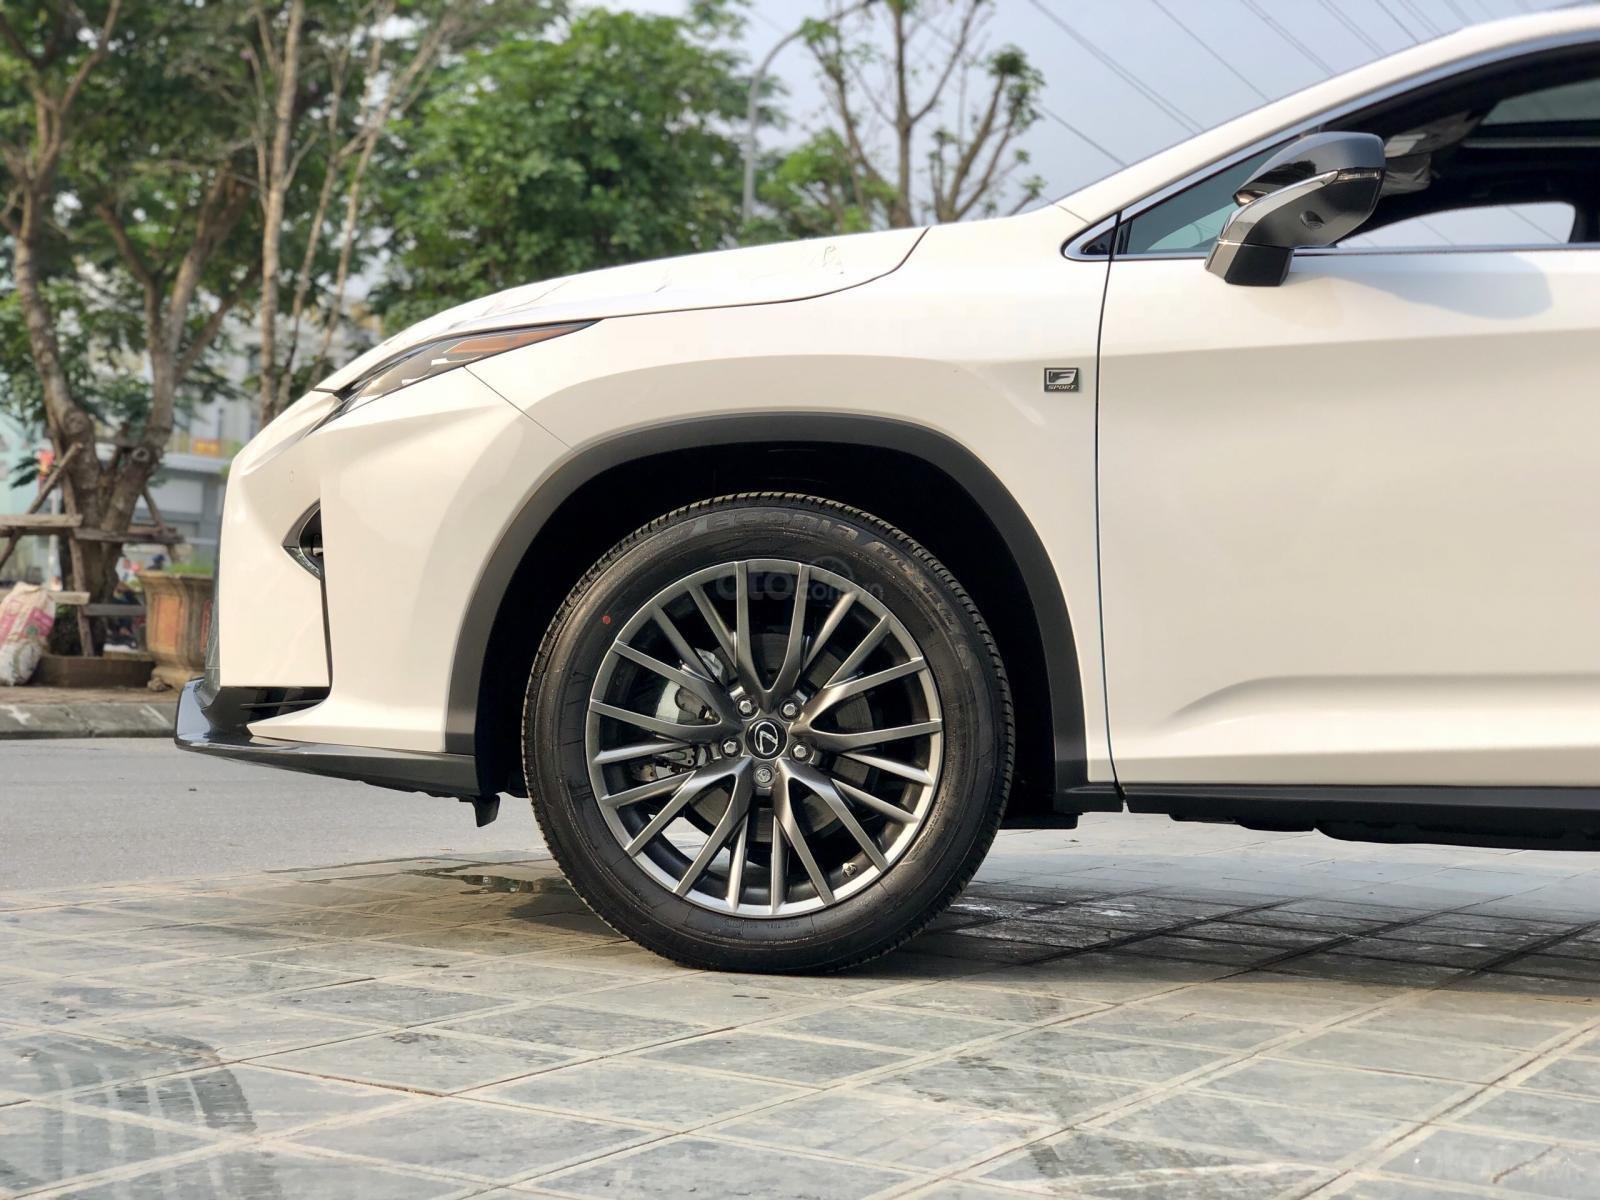 Bán xe Lexus RX350 Fsport 2019 màu trắng, mới 100% nhậP Mỹ. Trả trước 1 tỷ, bank hỗ trợ 80%. Em Lộc: 093.798.2266 (8)